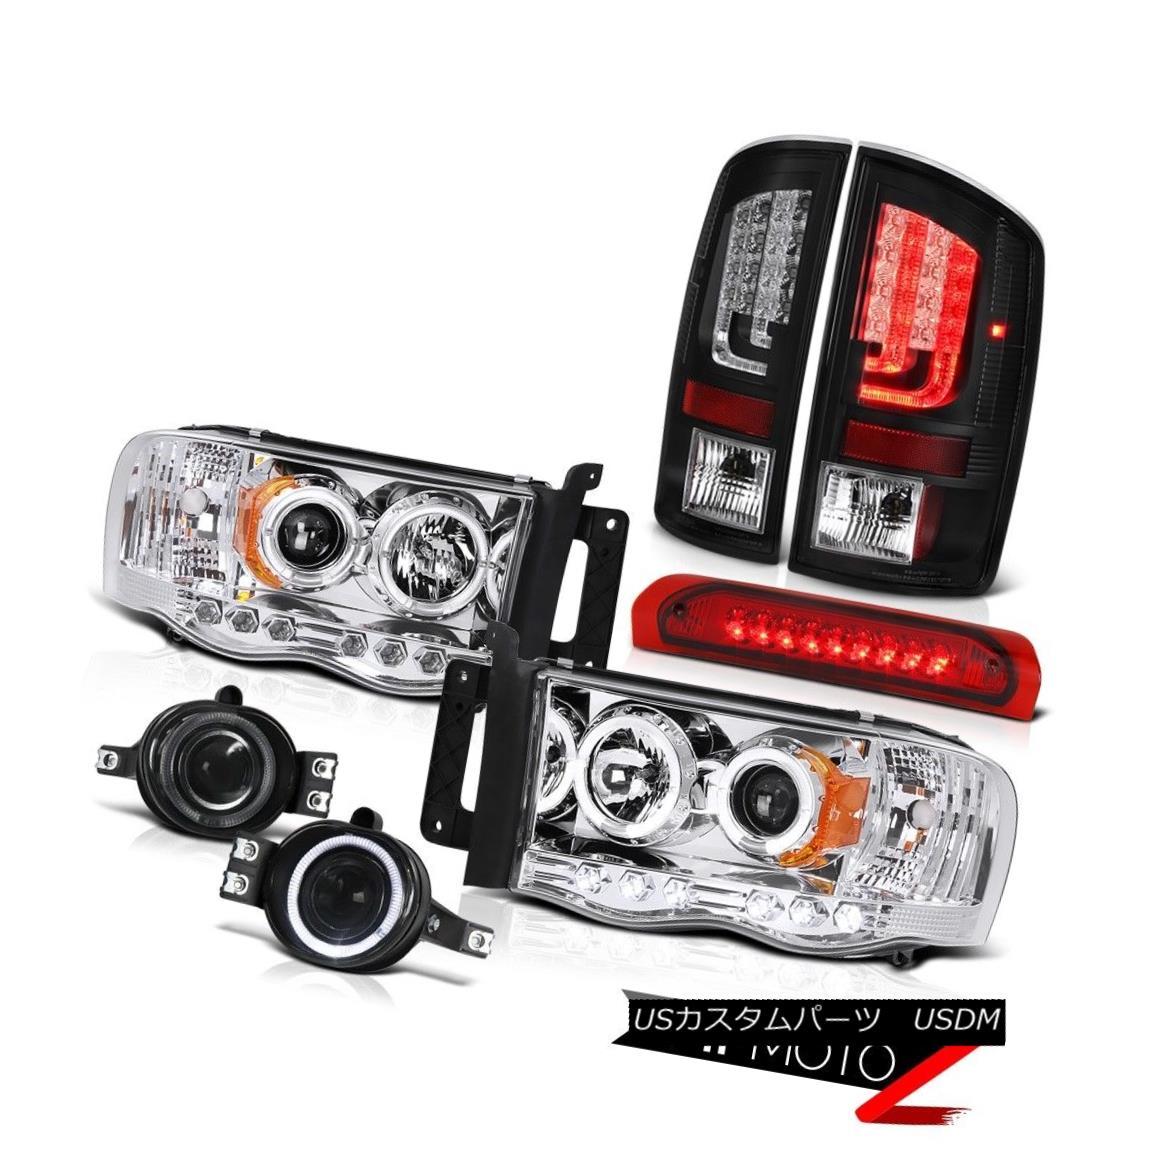 テールライト 2003-2005 Dodge Ram 1500 3.7L Taillights Headlamps Foglights Red Roof Cab Light 2003-2005ダッジラム1500 3.7Lターンライトヘッドランプフォギーライトレッドルーフキャブライト